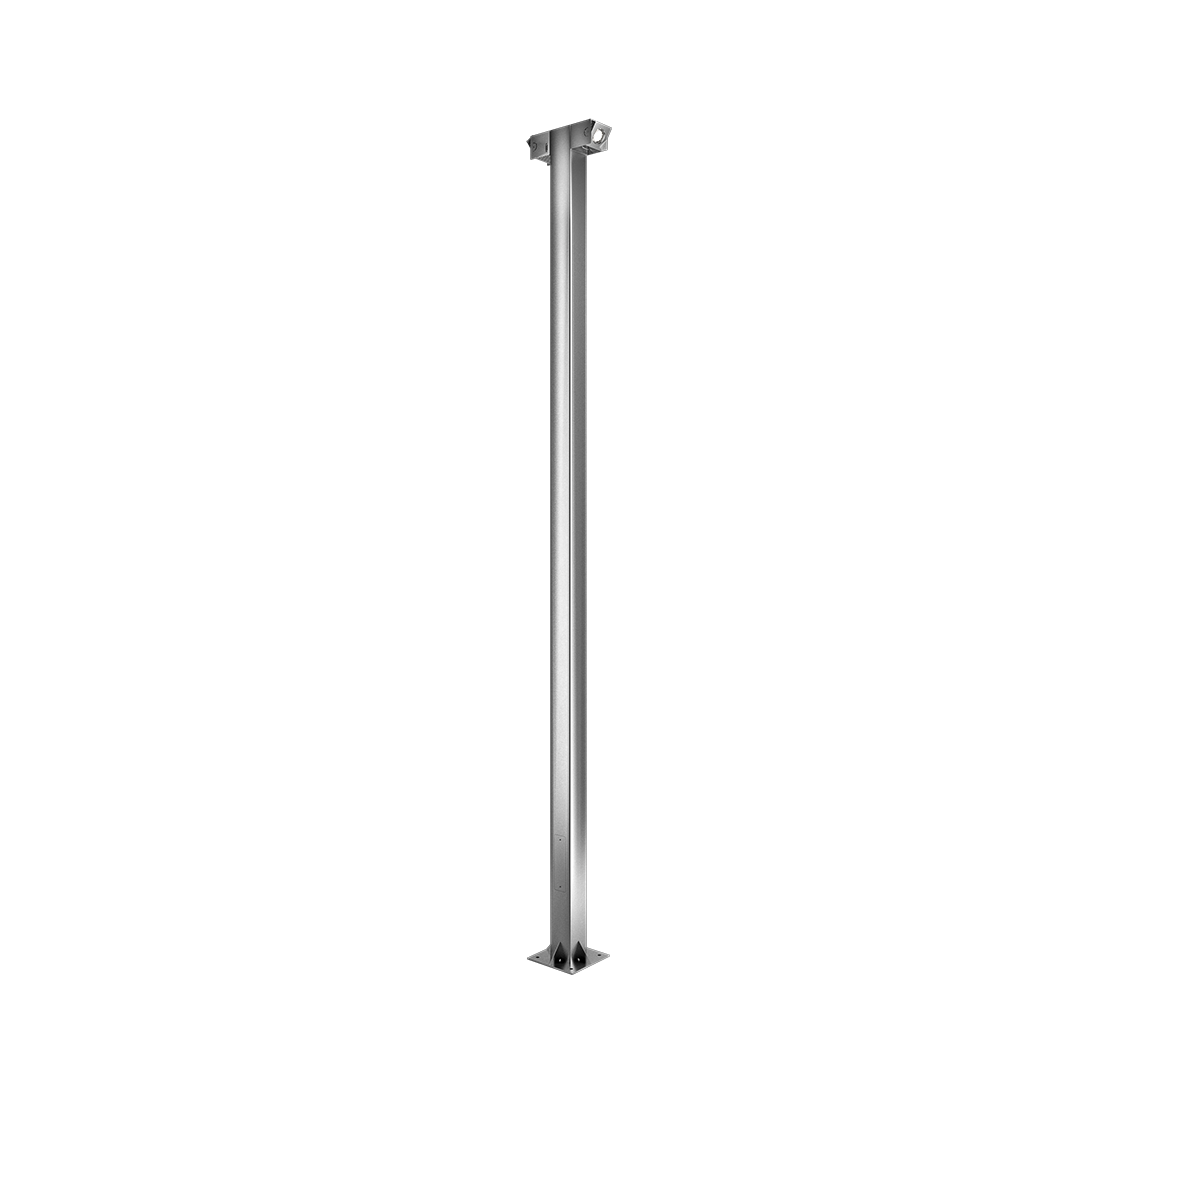 Столбы уличного освещения TRIF URBAN